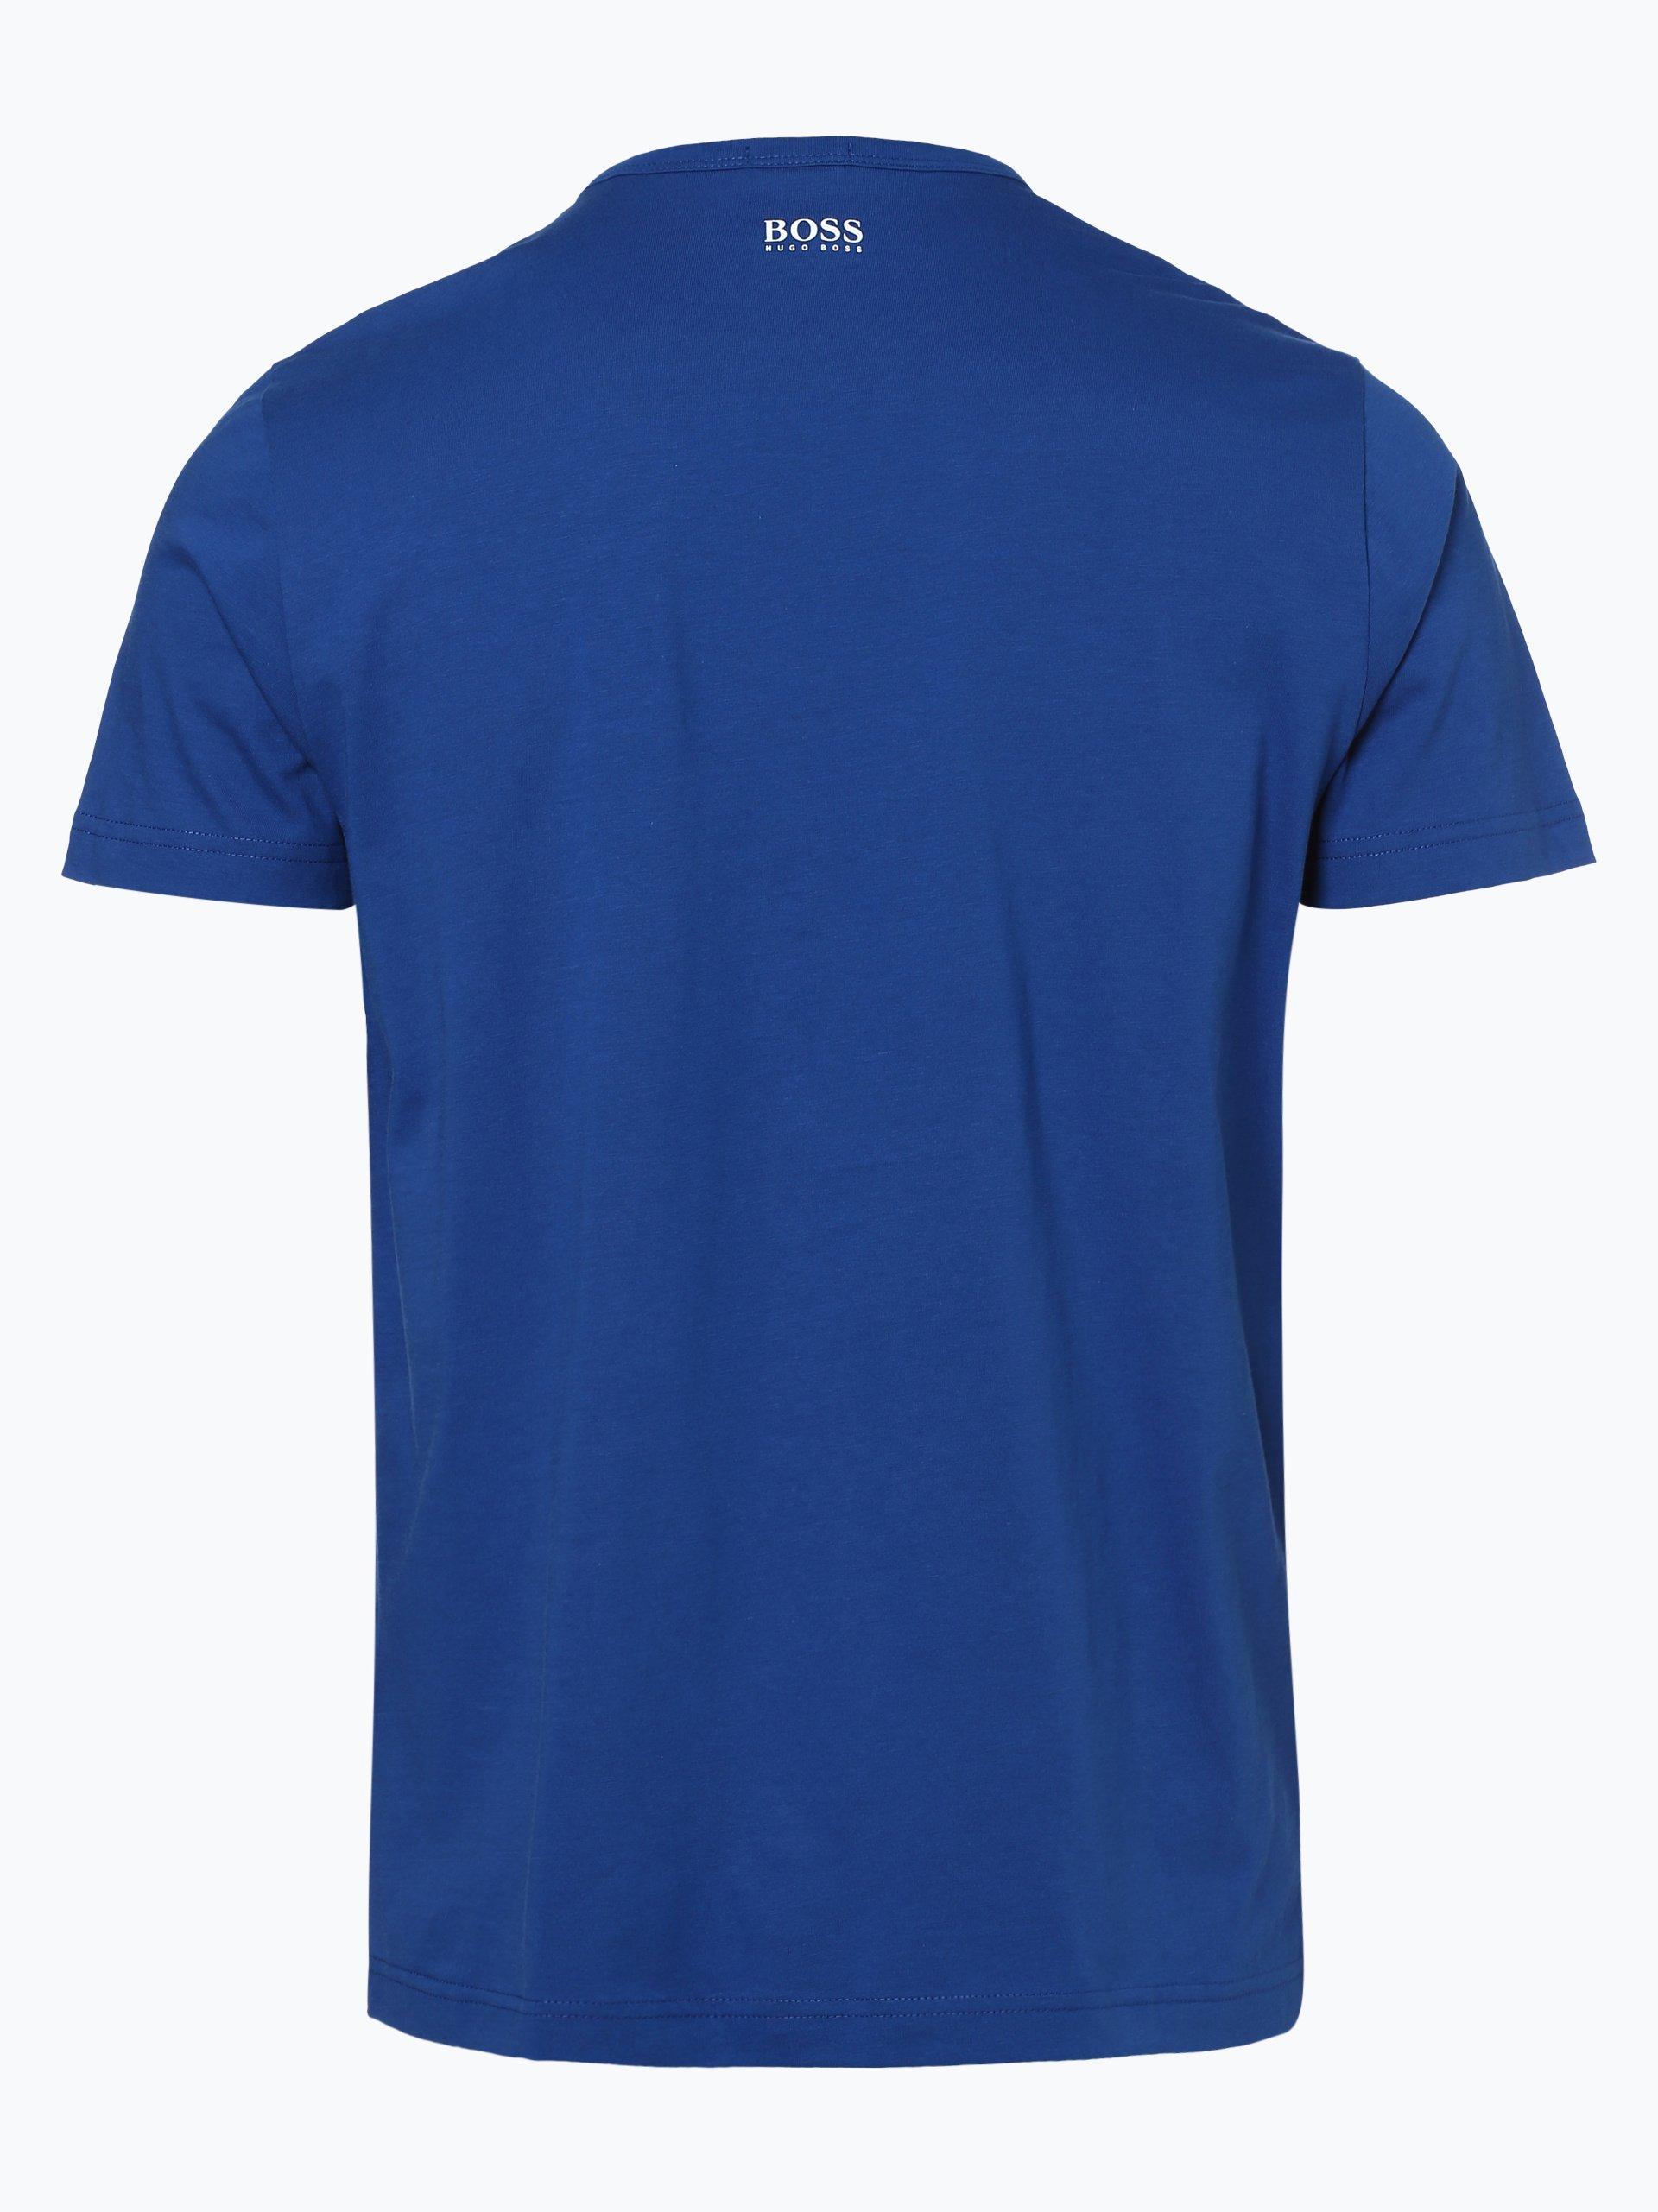 boss athleisure herren t shirt tee 1 hellblau blau uni. Black Bedroom Furniture Sets. Home Design Ideas